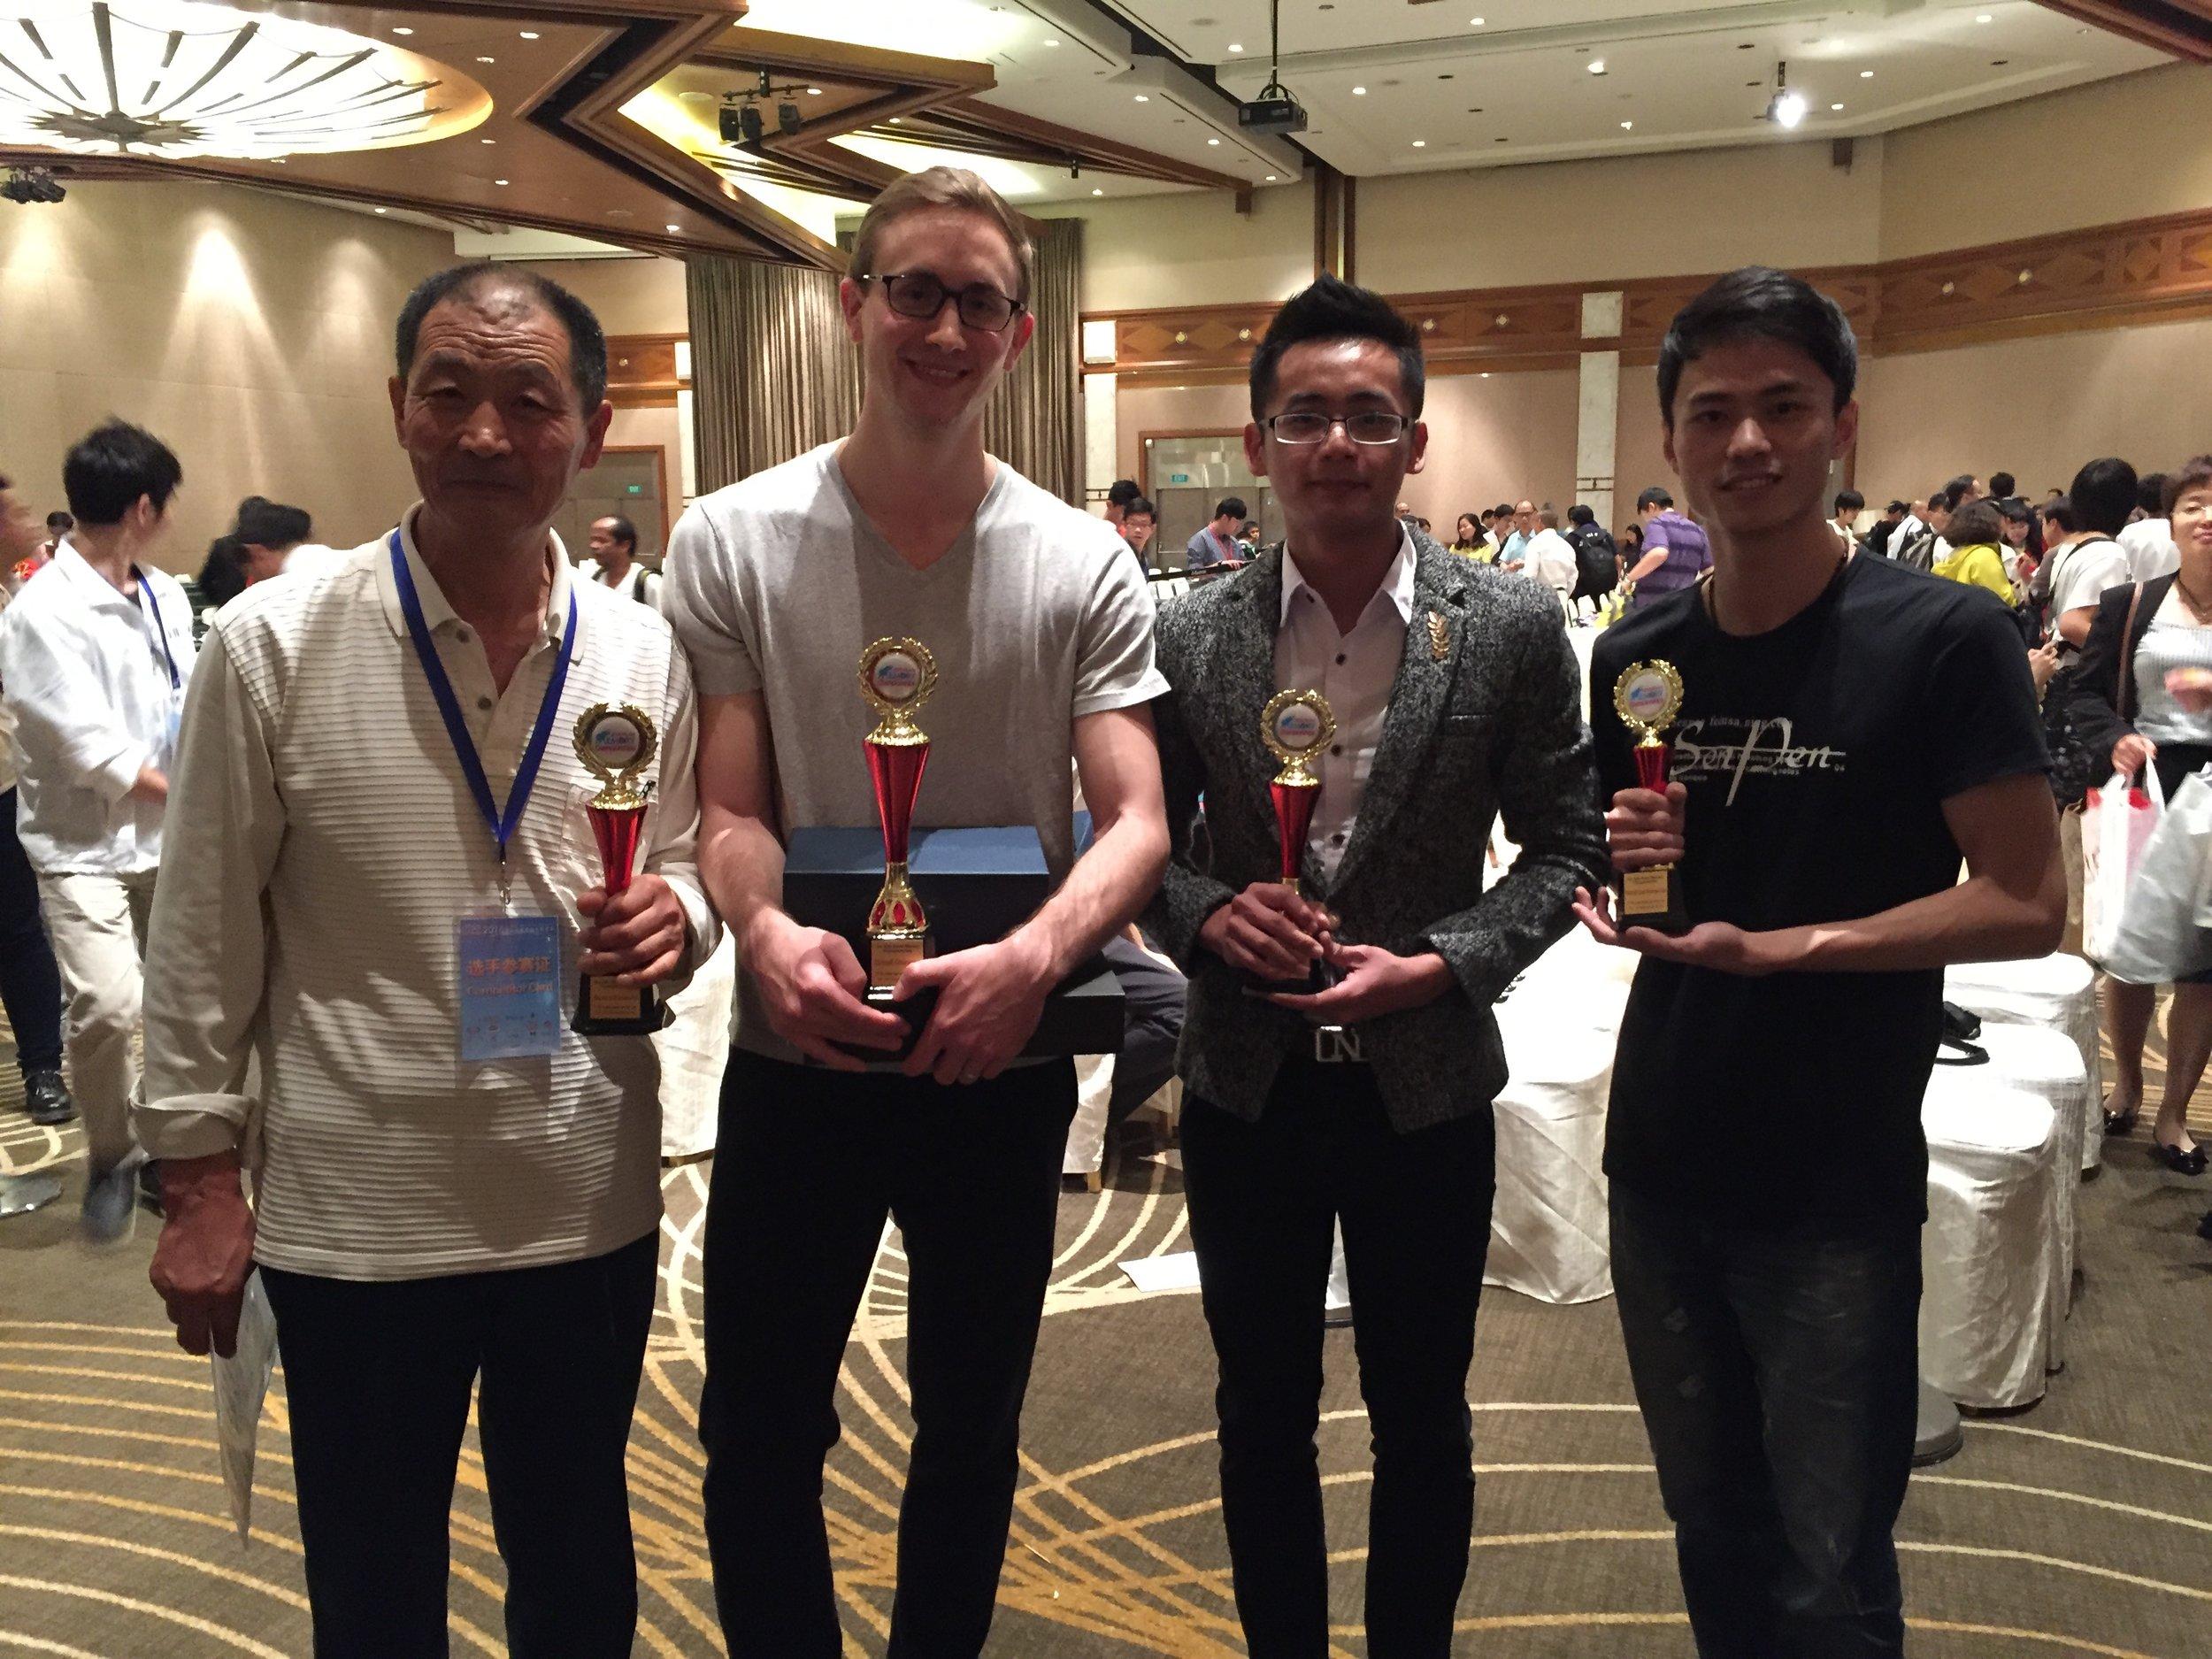 With Zhen Guoliang, Huang Shenghua, and Su Zehe